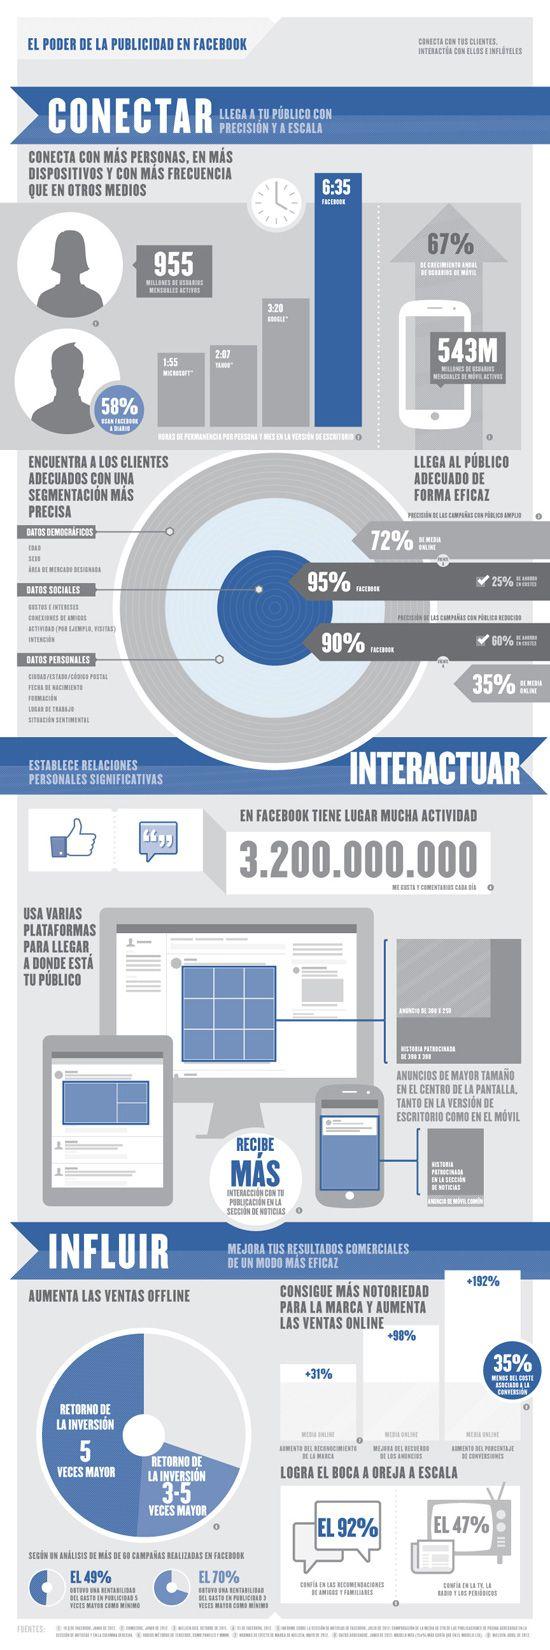 ¿Qué puede hacer Facebook por tu marca? Esta ilustración plasma el valor que puede tener la publicidad en Facebook para conectarte con los consumidores, establecer relaciones significativas con las personas y sus amigos, y mejorar los resultados de tu empresa de un modo eficaz..  #cpcr53